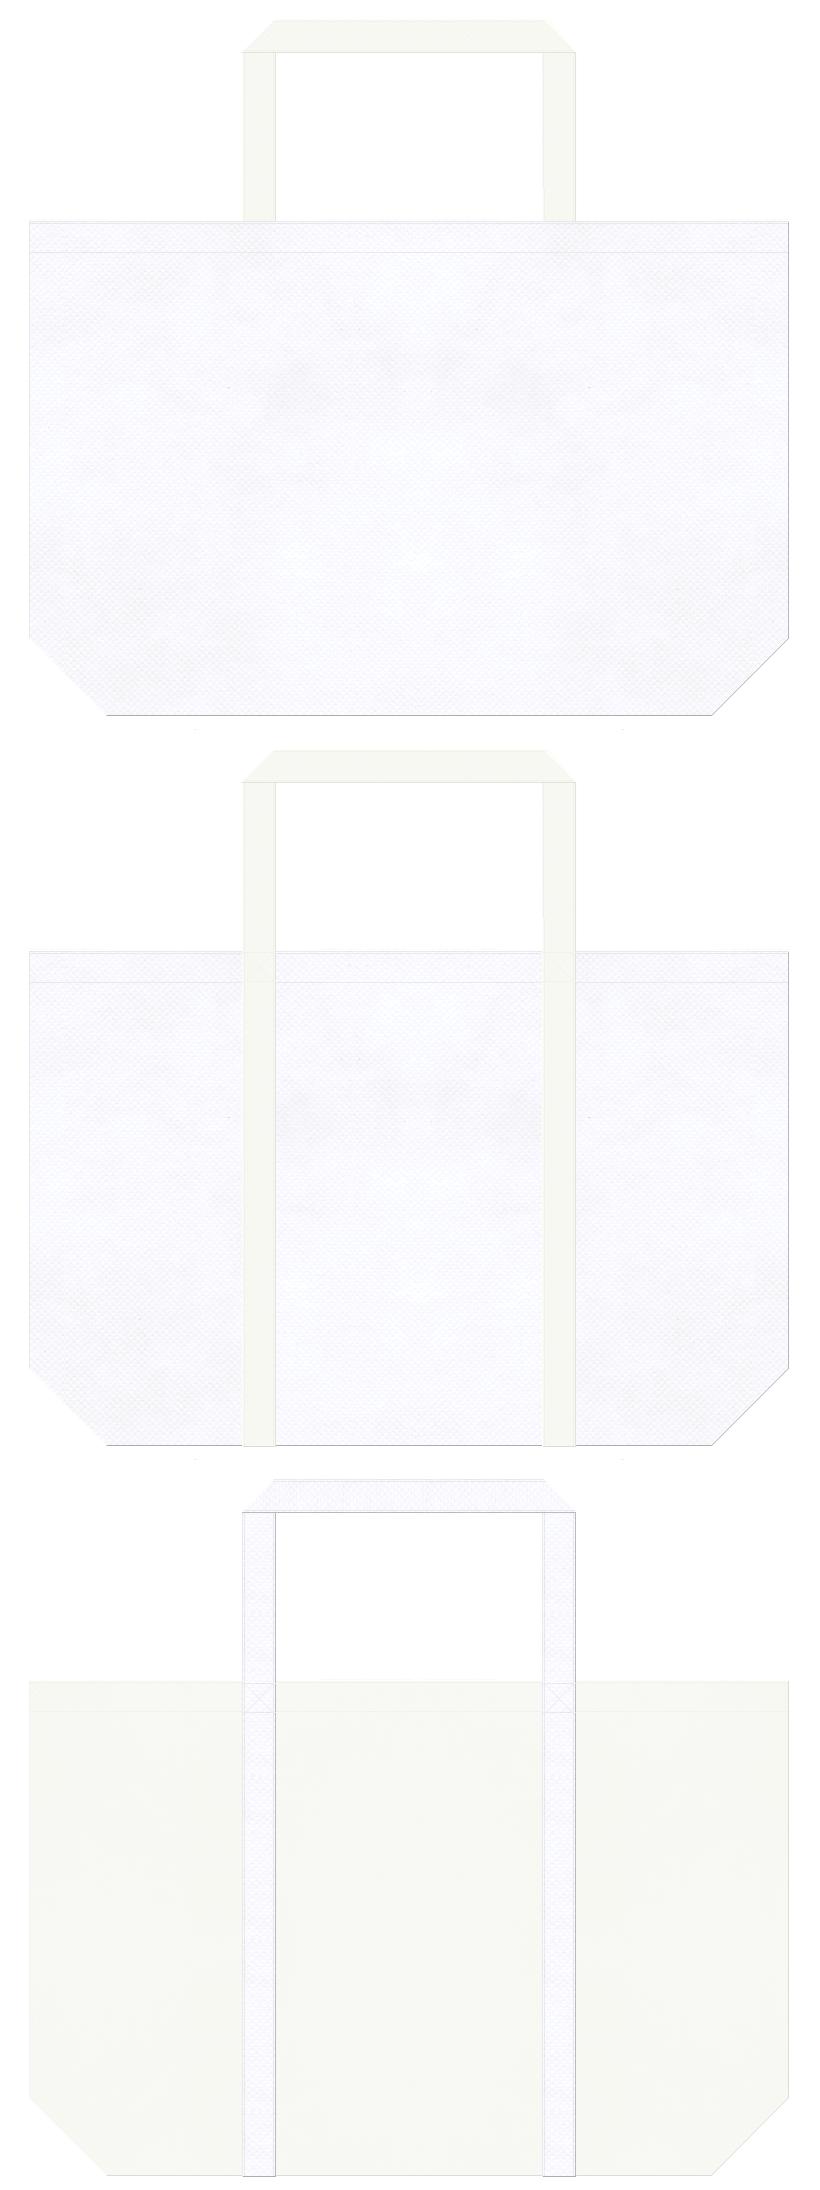 ウェディングドレス・鶴・白鳥・バレエ・白寿のお祝いにお奨めの不織布バッグデザイン:白色とオフホワイト色のコーデ